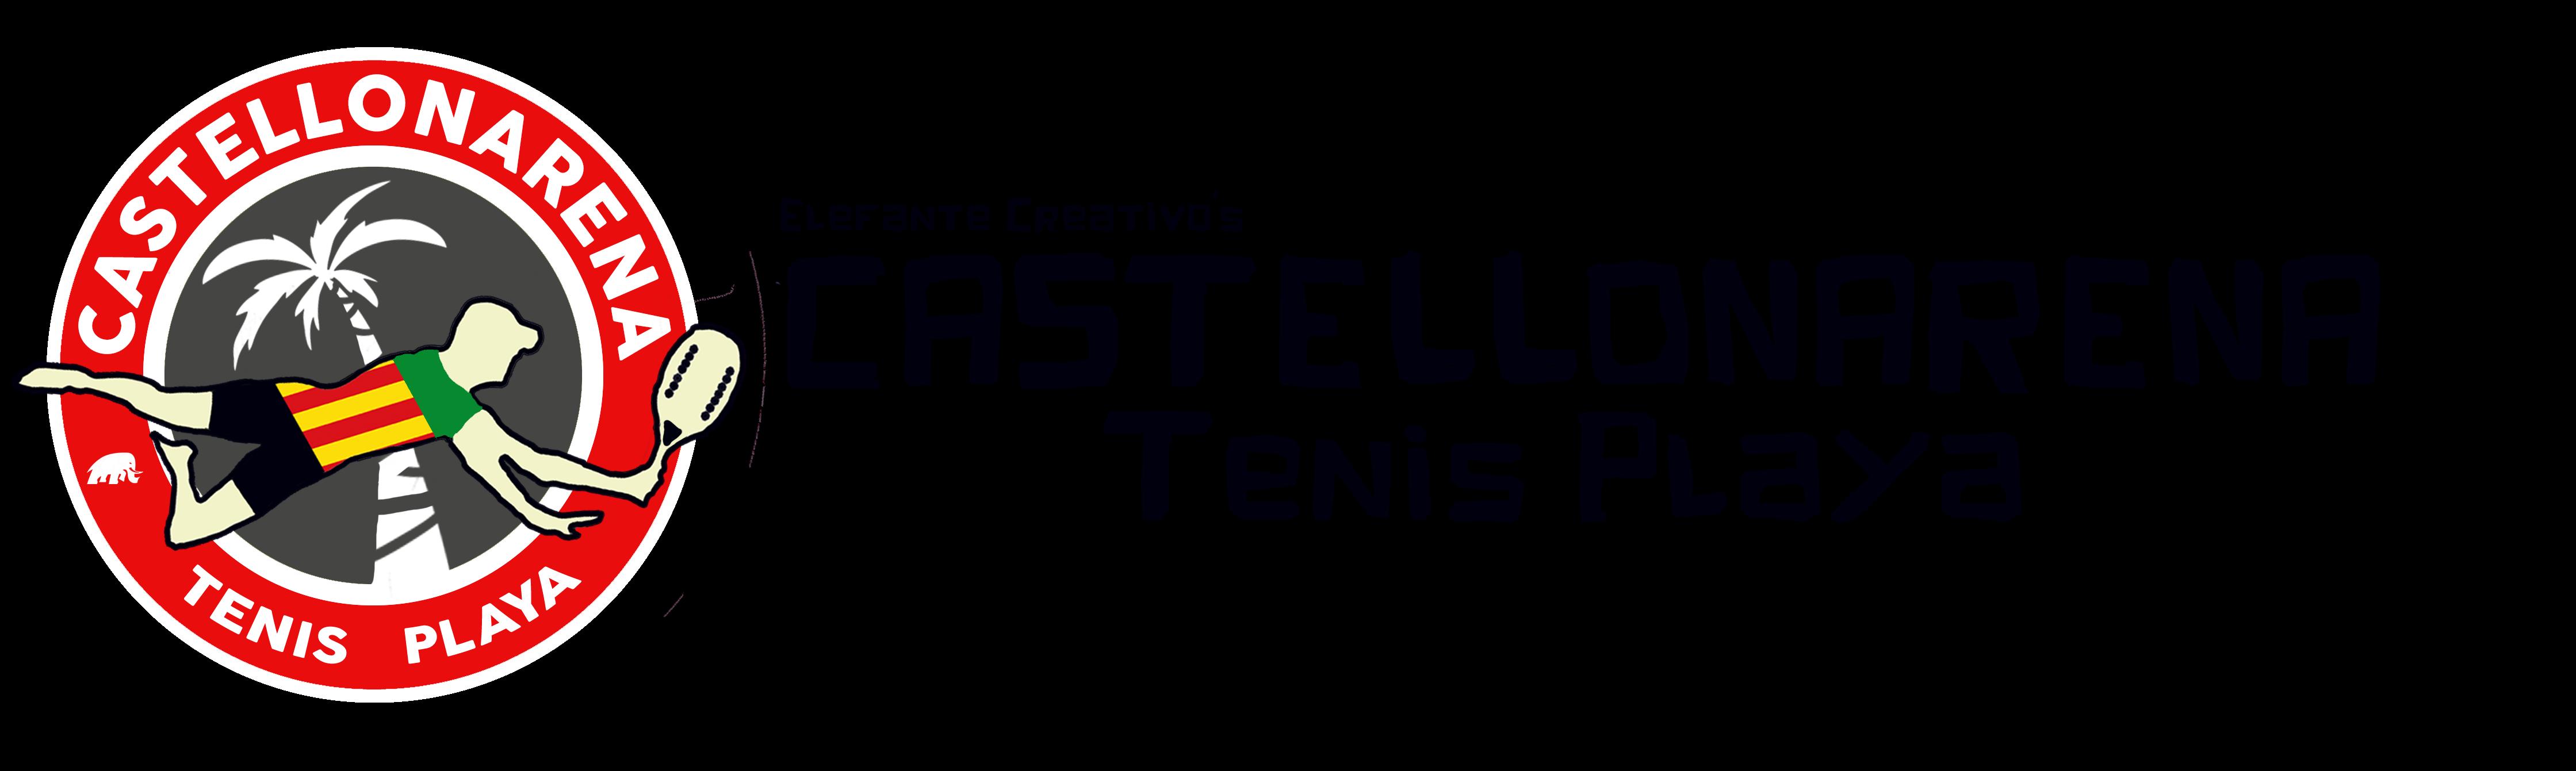 CASTELLONARENA